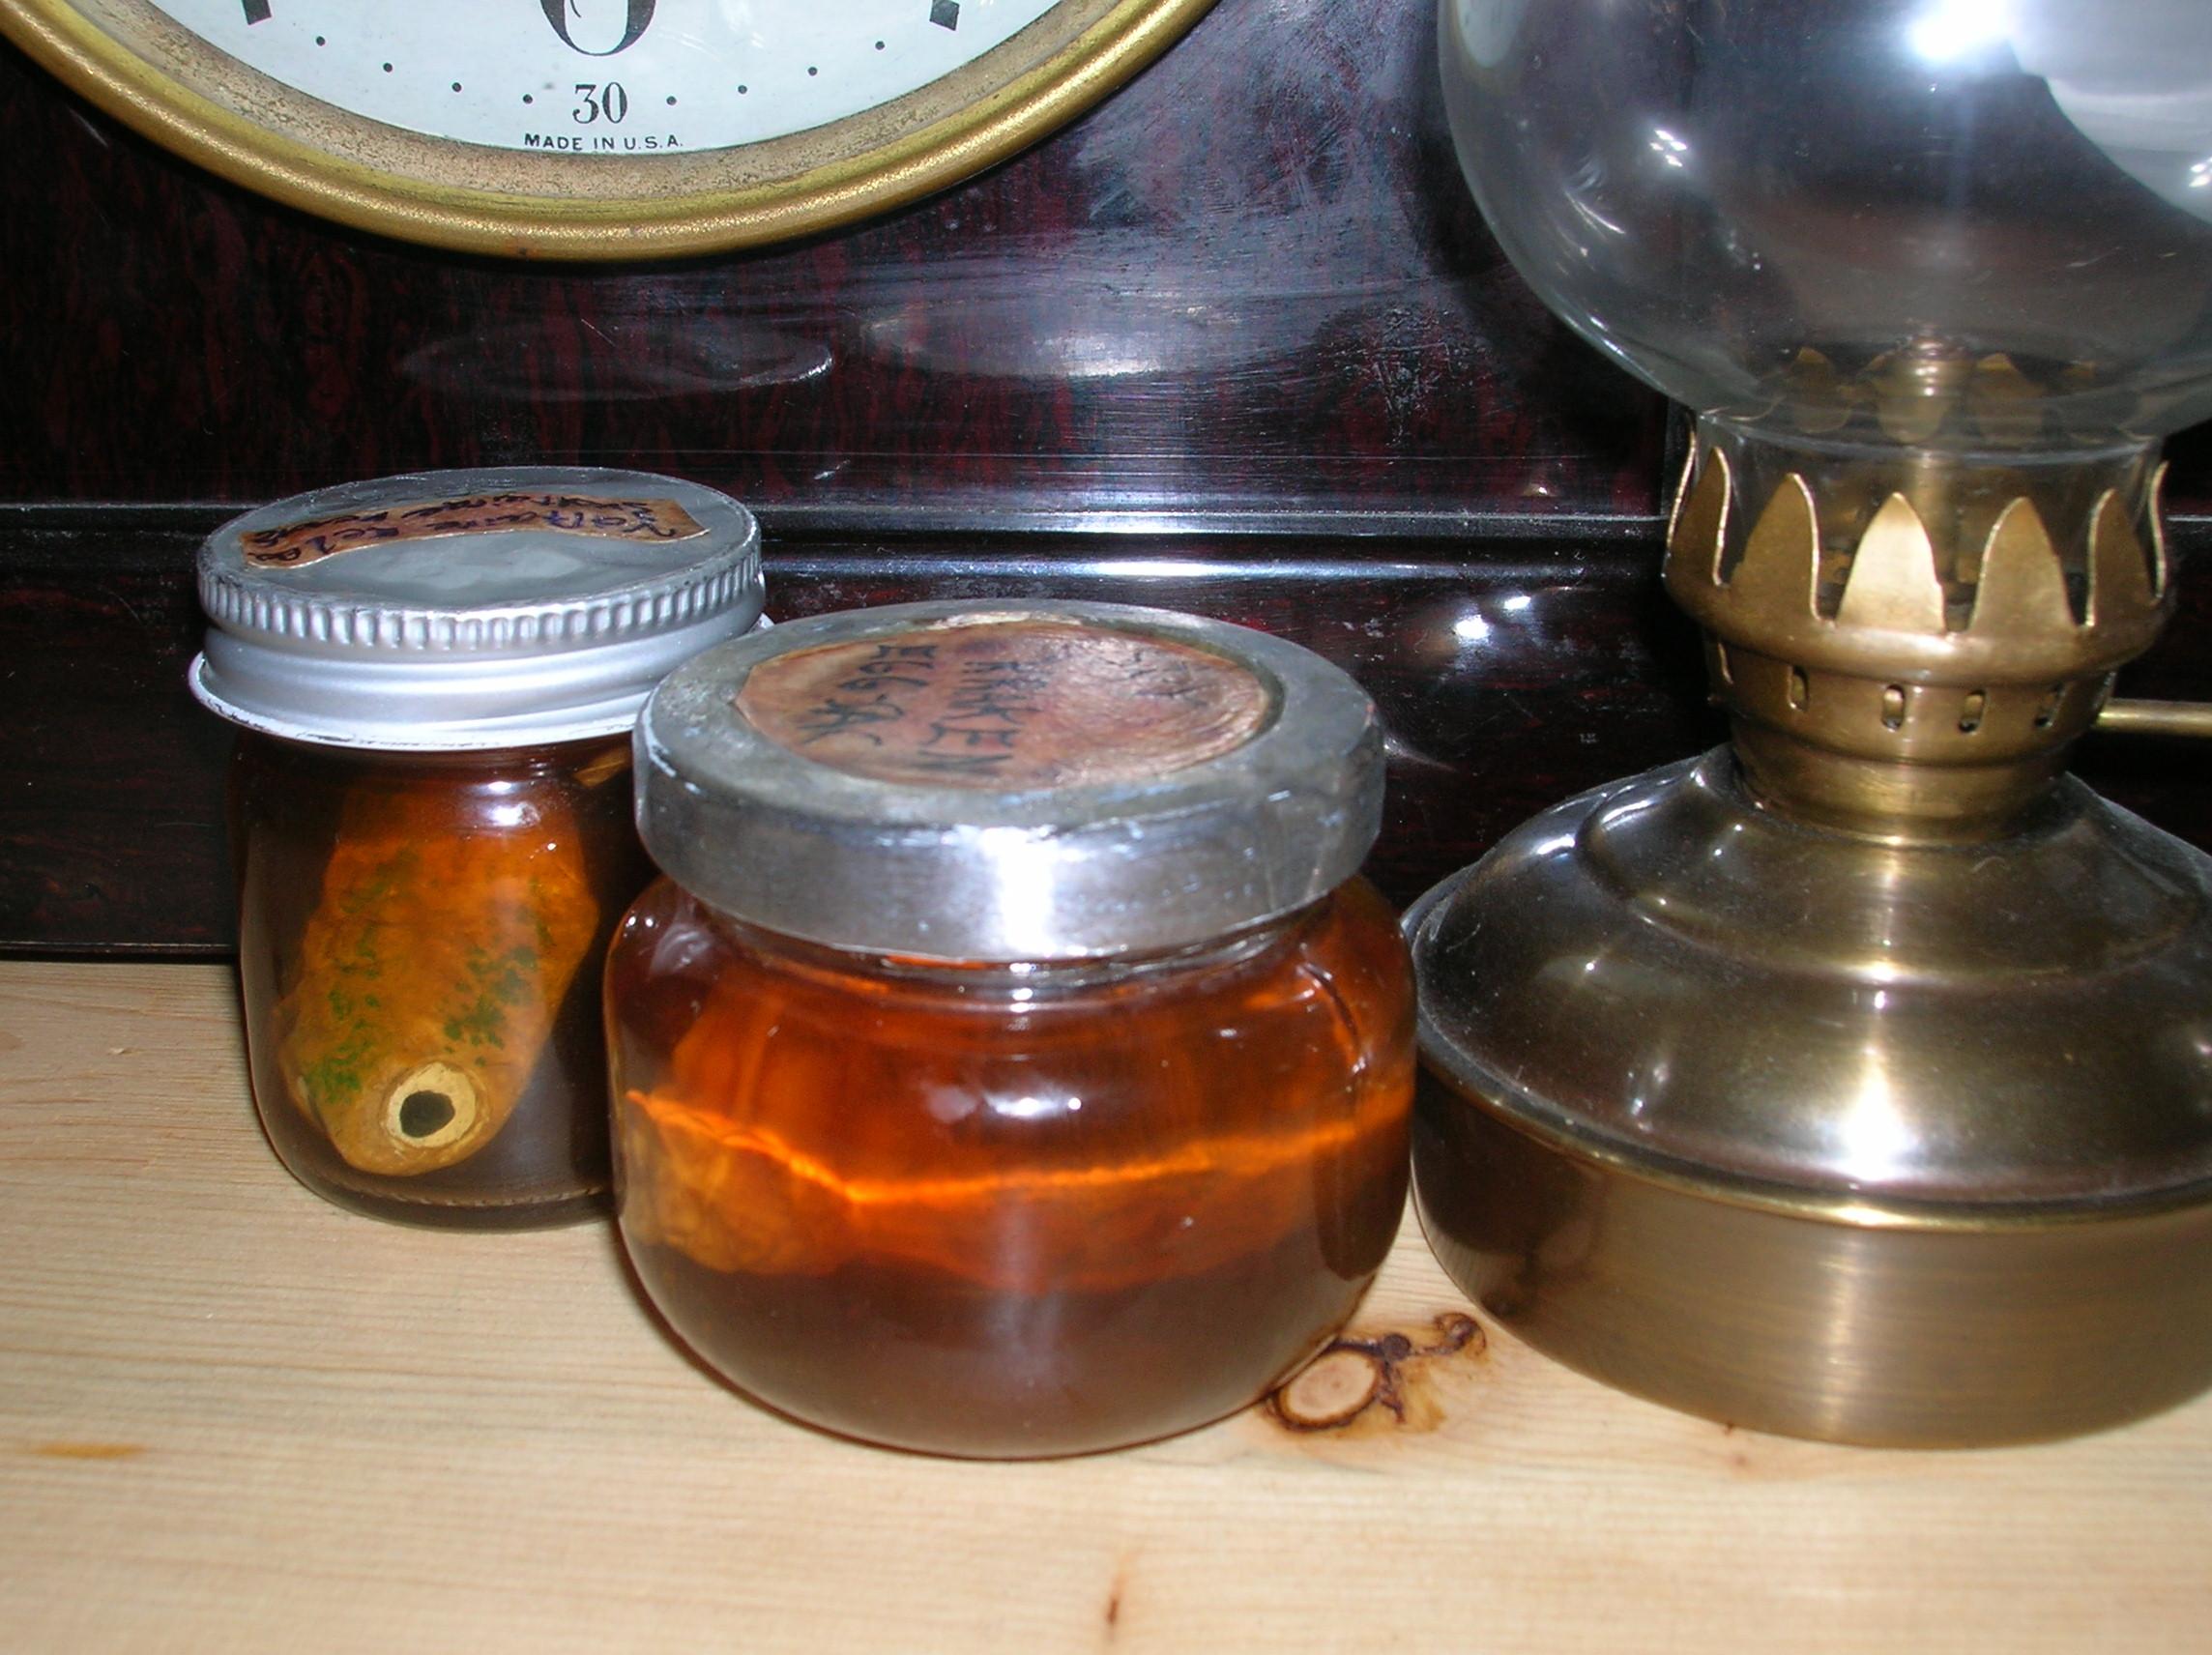 Mad Scientist creatures in jars